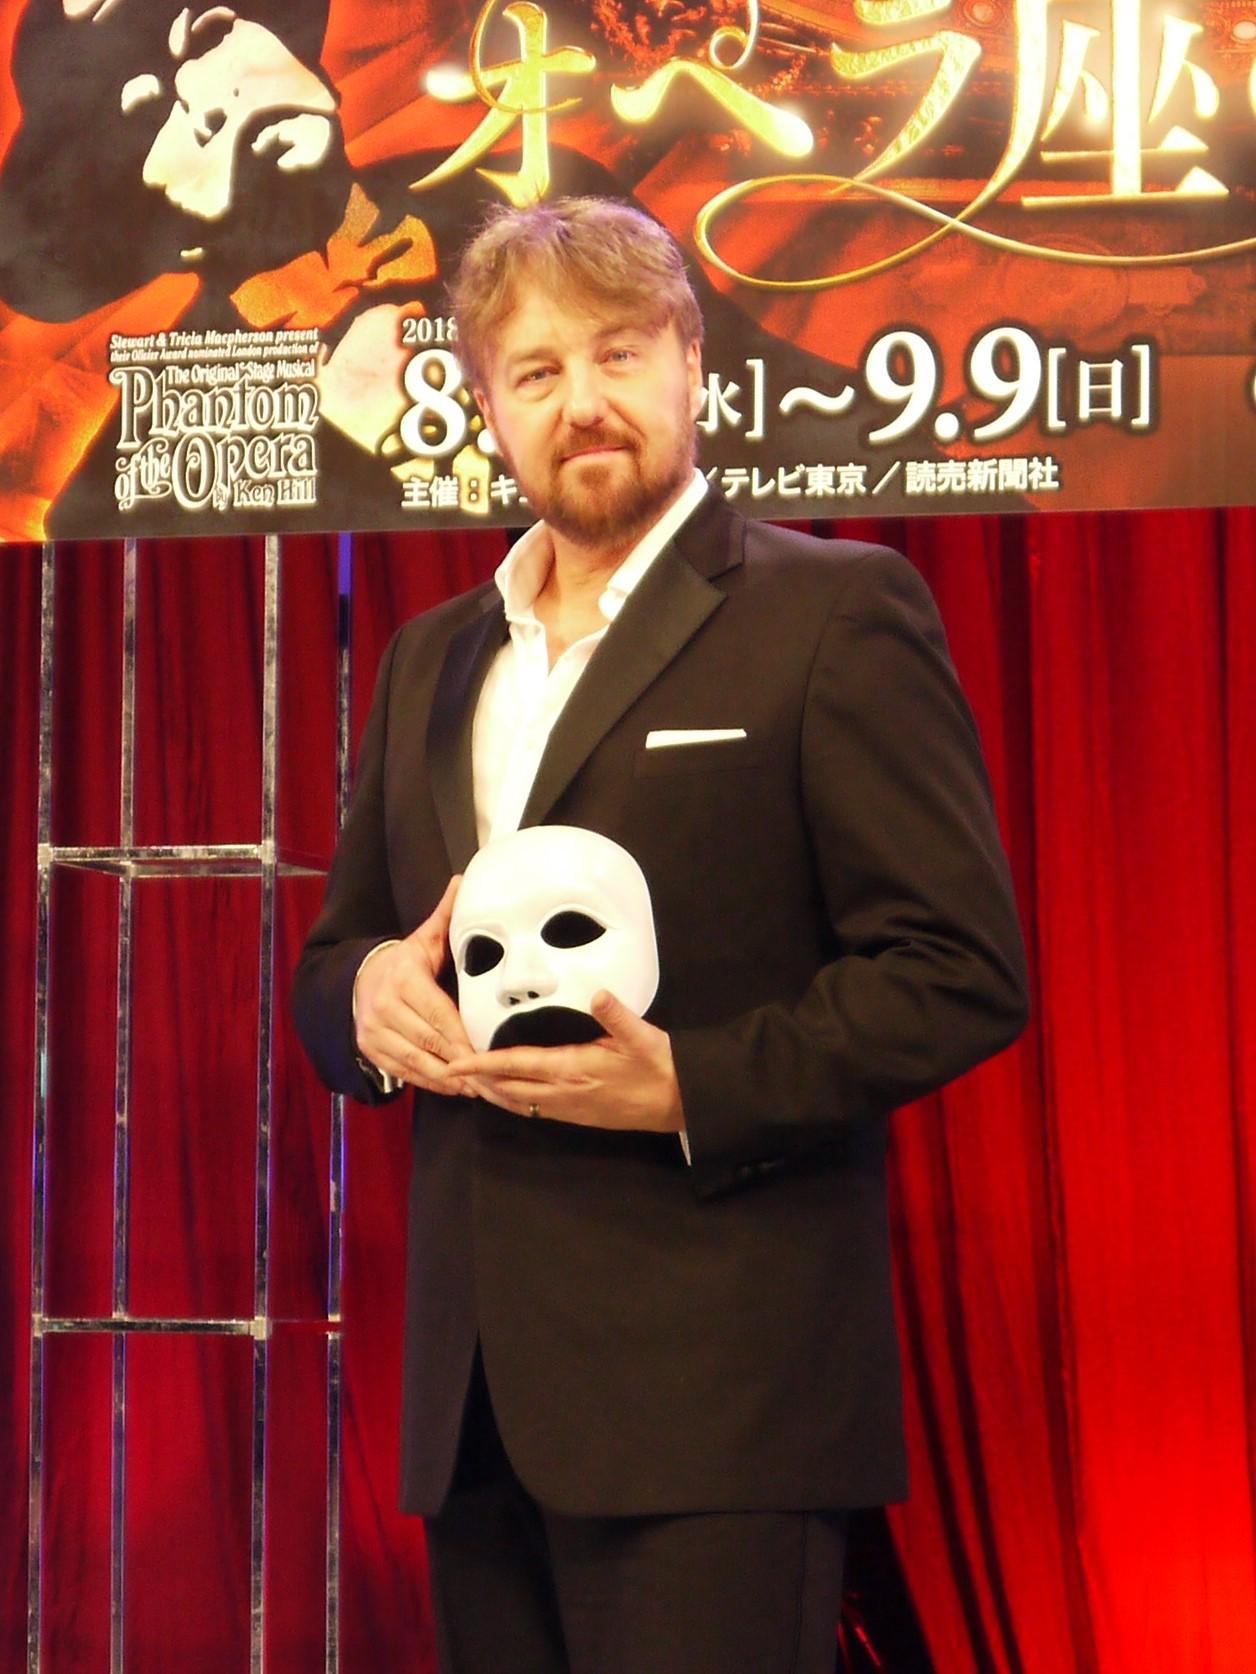 ファントムの仮面を手にするジョン・オーウェン=ジョーンズ